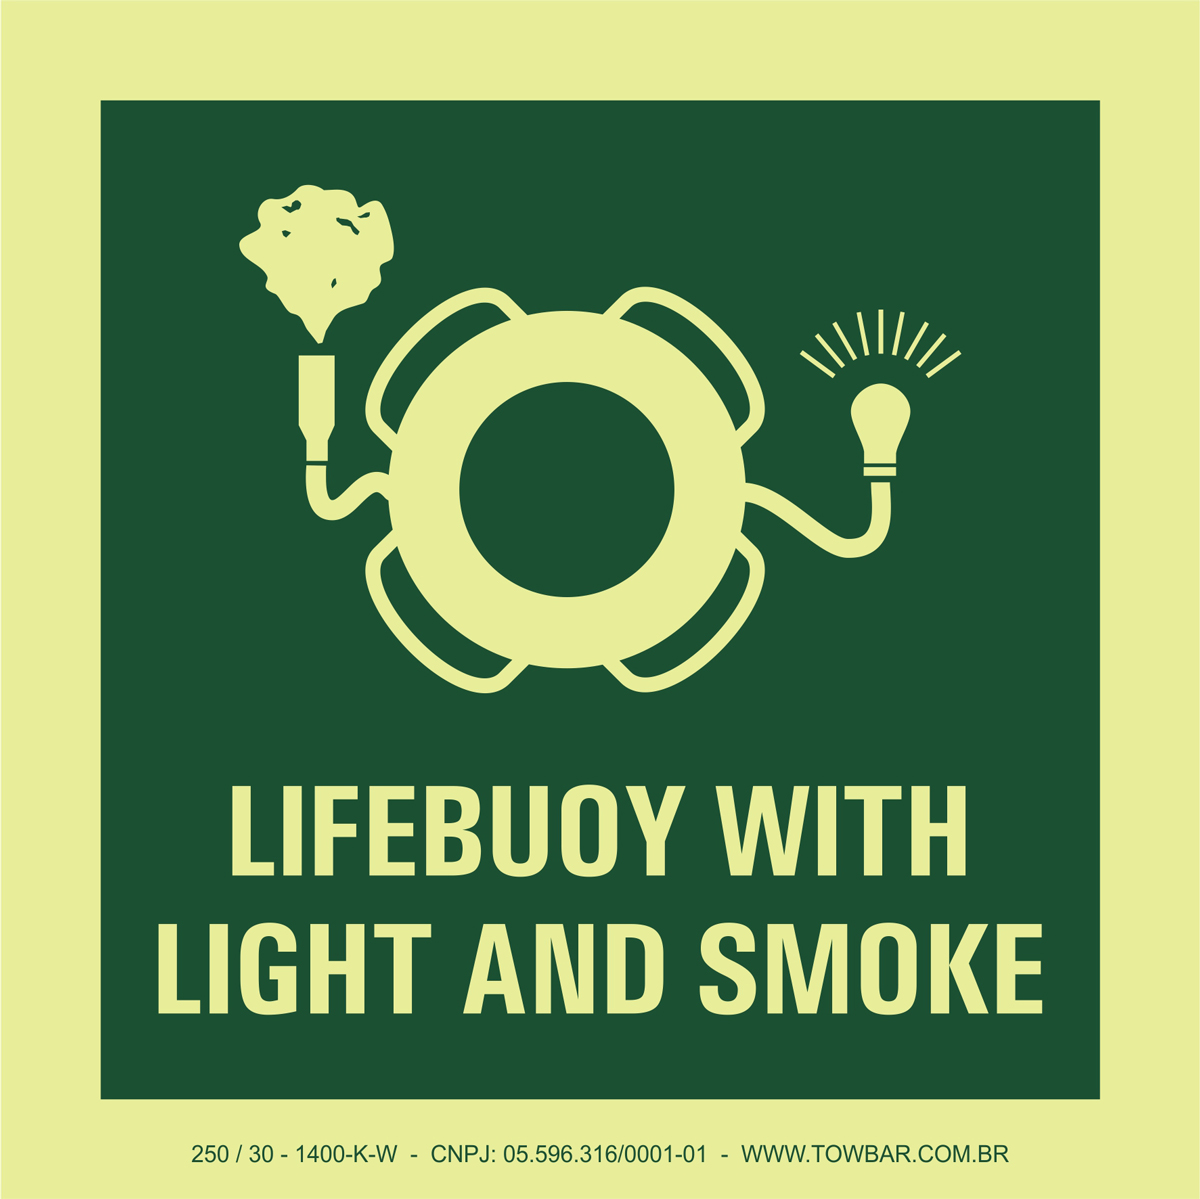 Bóia salva-vidas com dispositivo luminoso e fumaça (Lifebuoy with Light and Smoke)  - Towbar Sinalização de Segurança